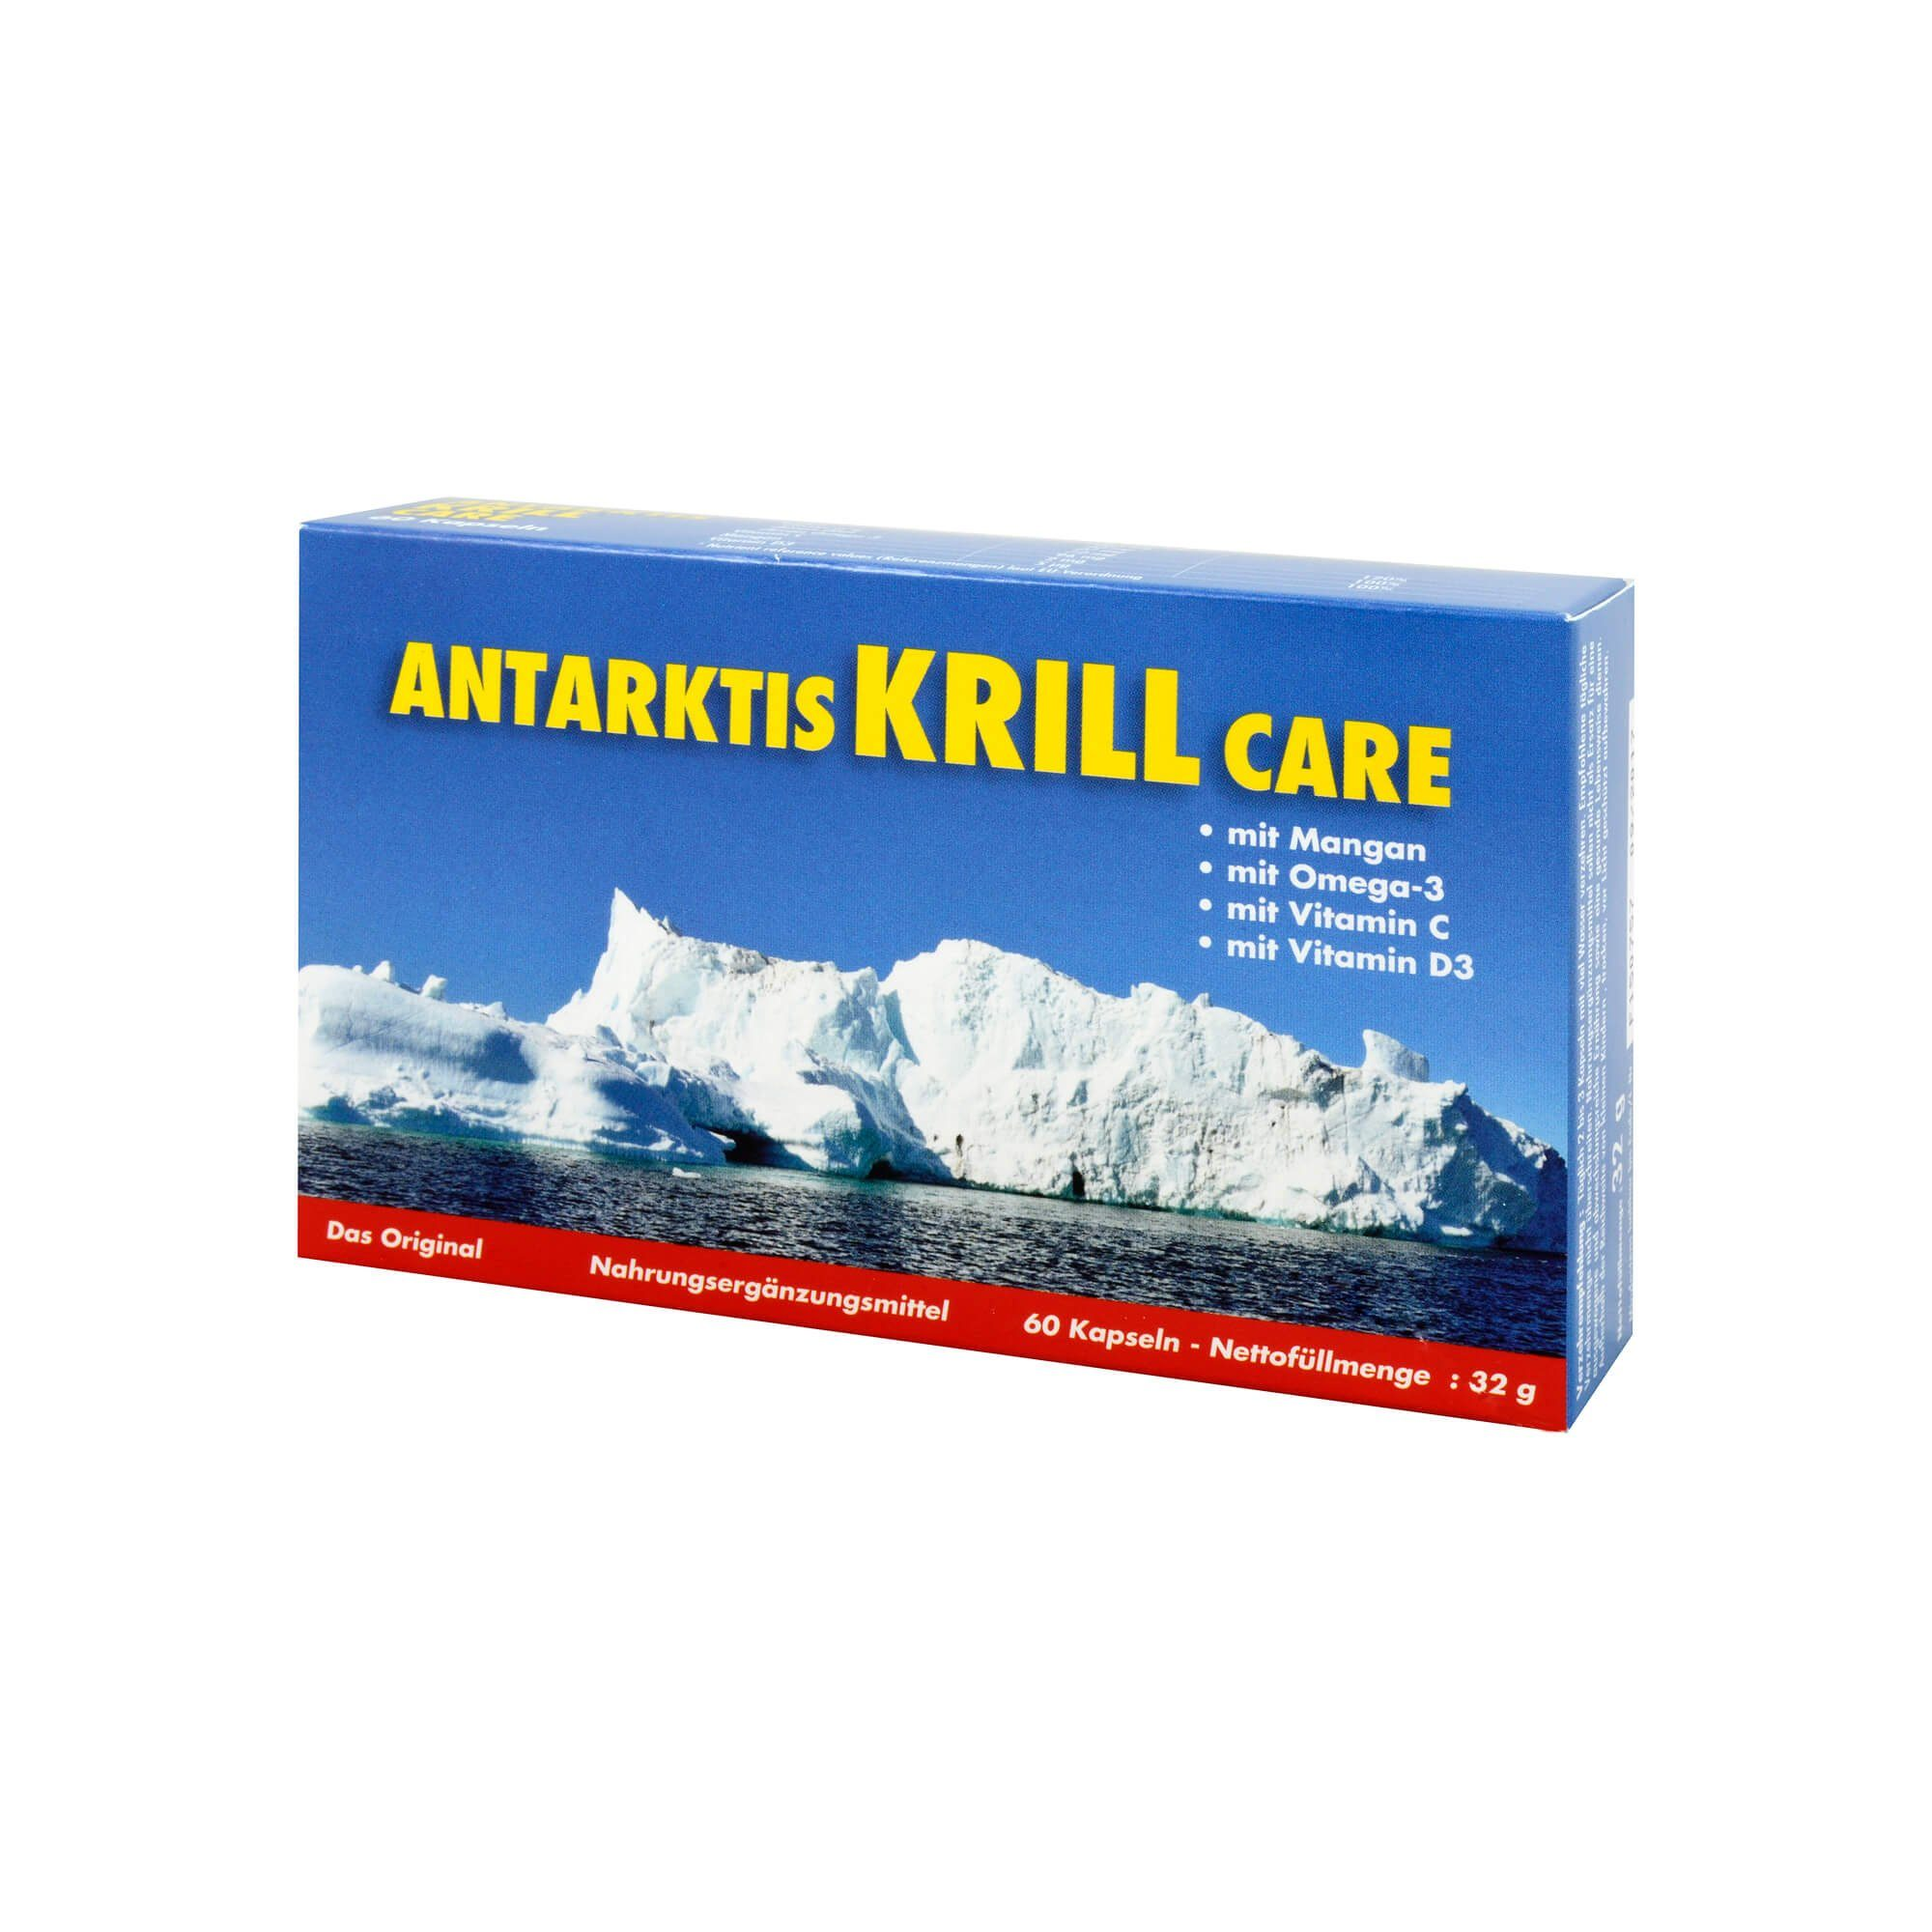 Antarktis Krill Care Kapseln , 60 St